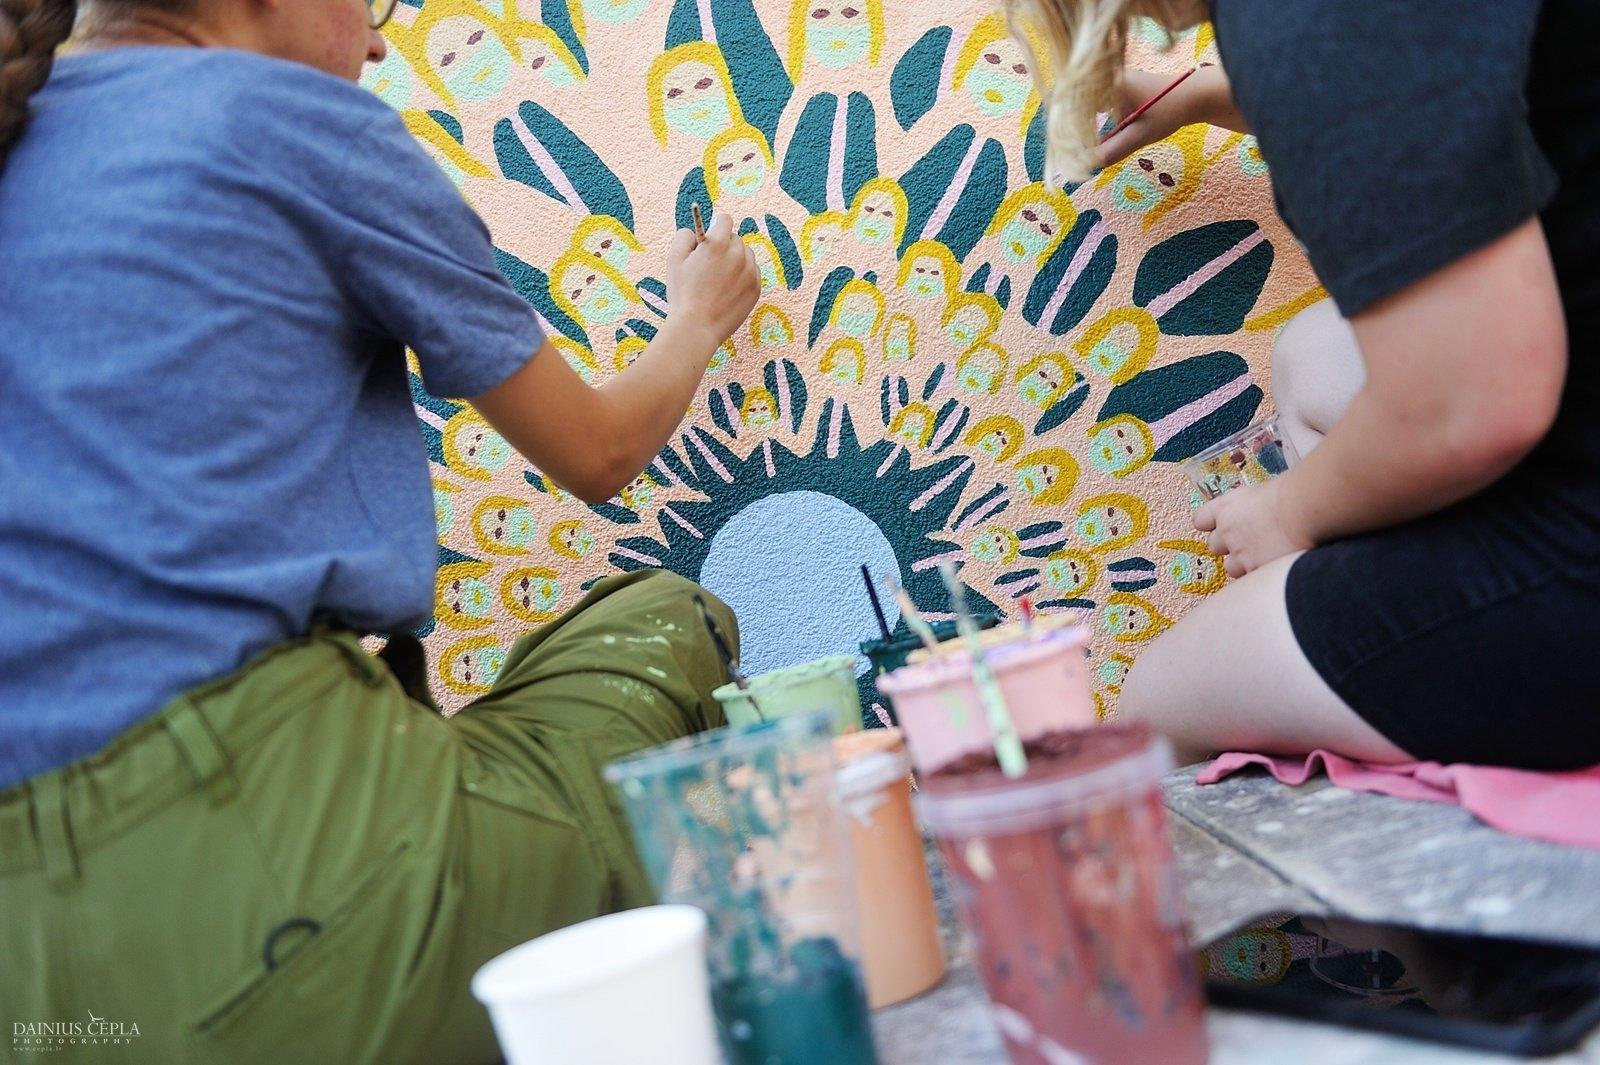 Malonny'8 sienų tapybos konkursas jau paskelbtas